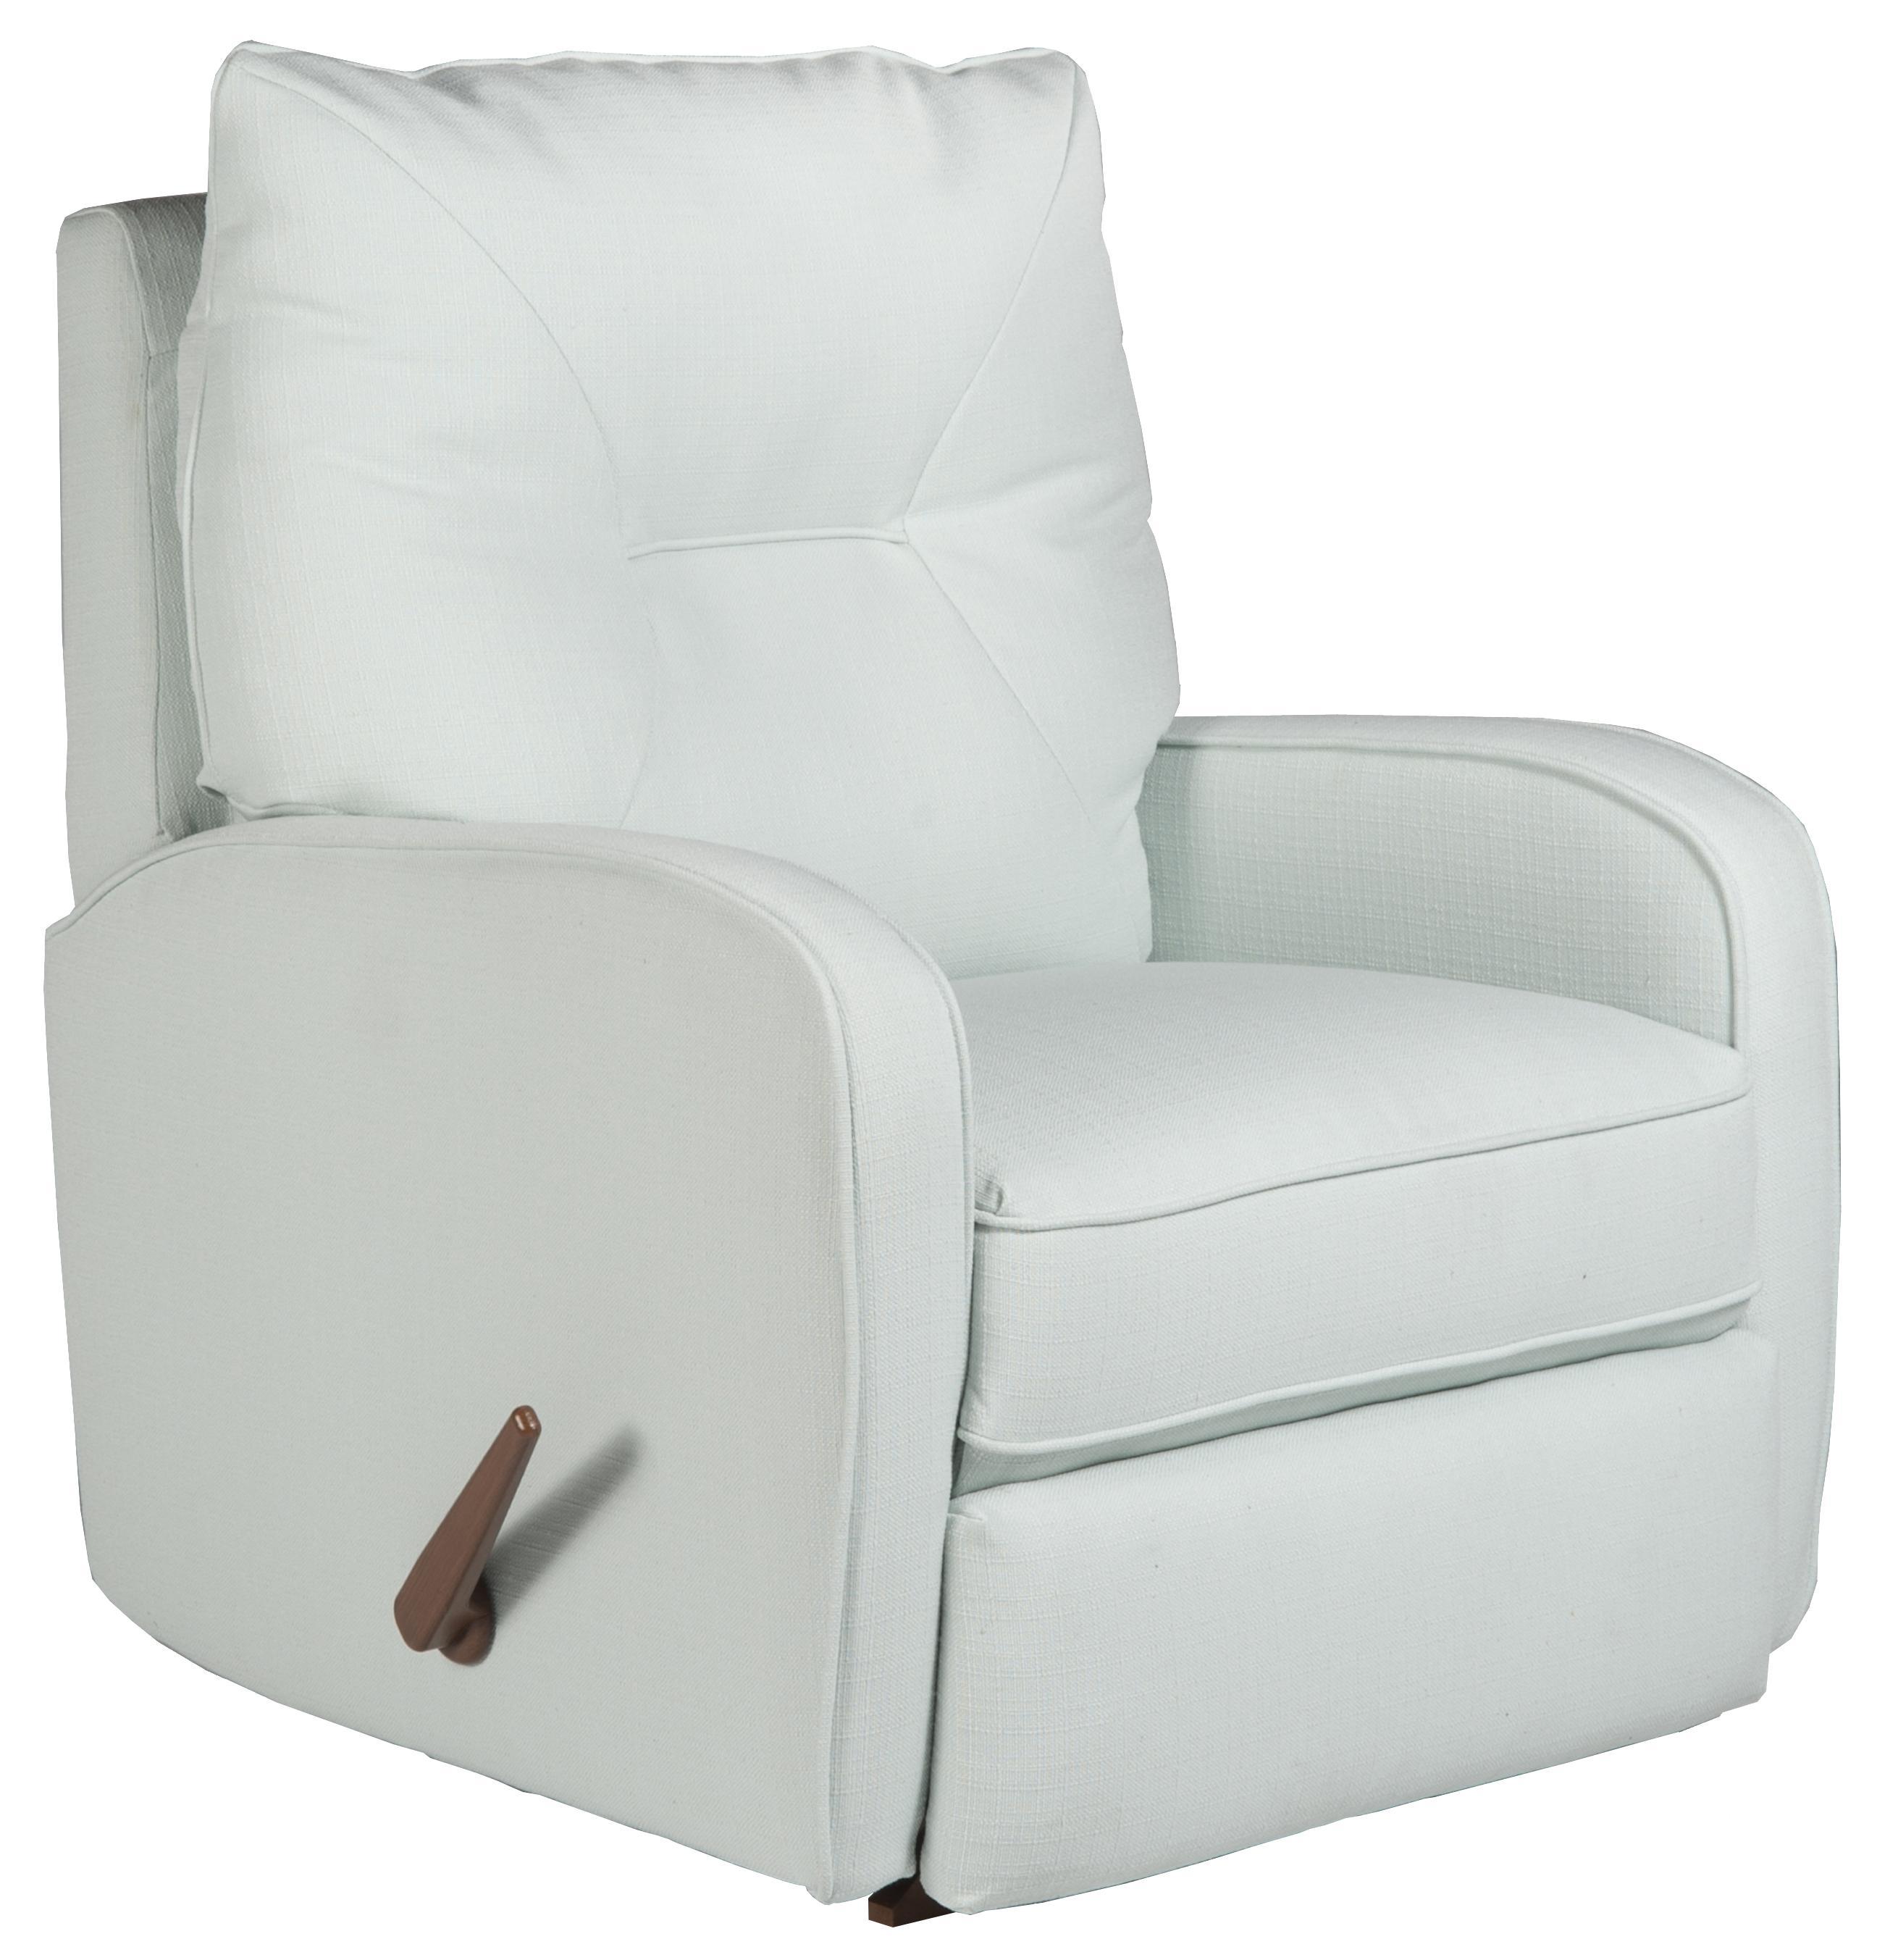 contemporary ingall swivel rocker recliner in sleek modern style